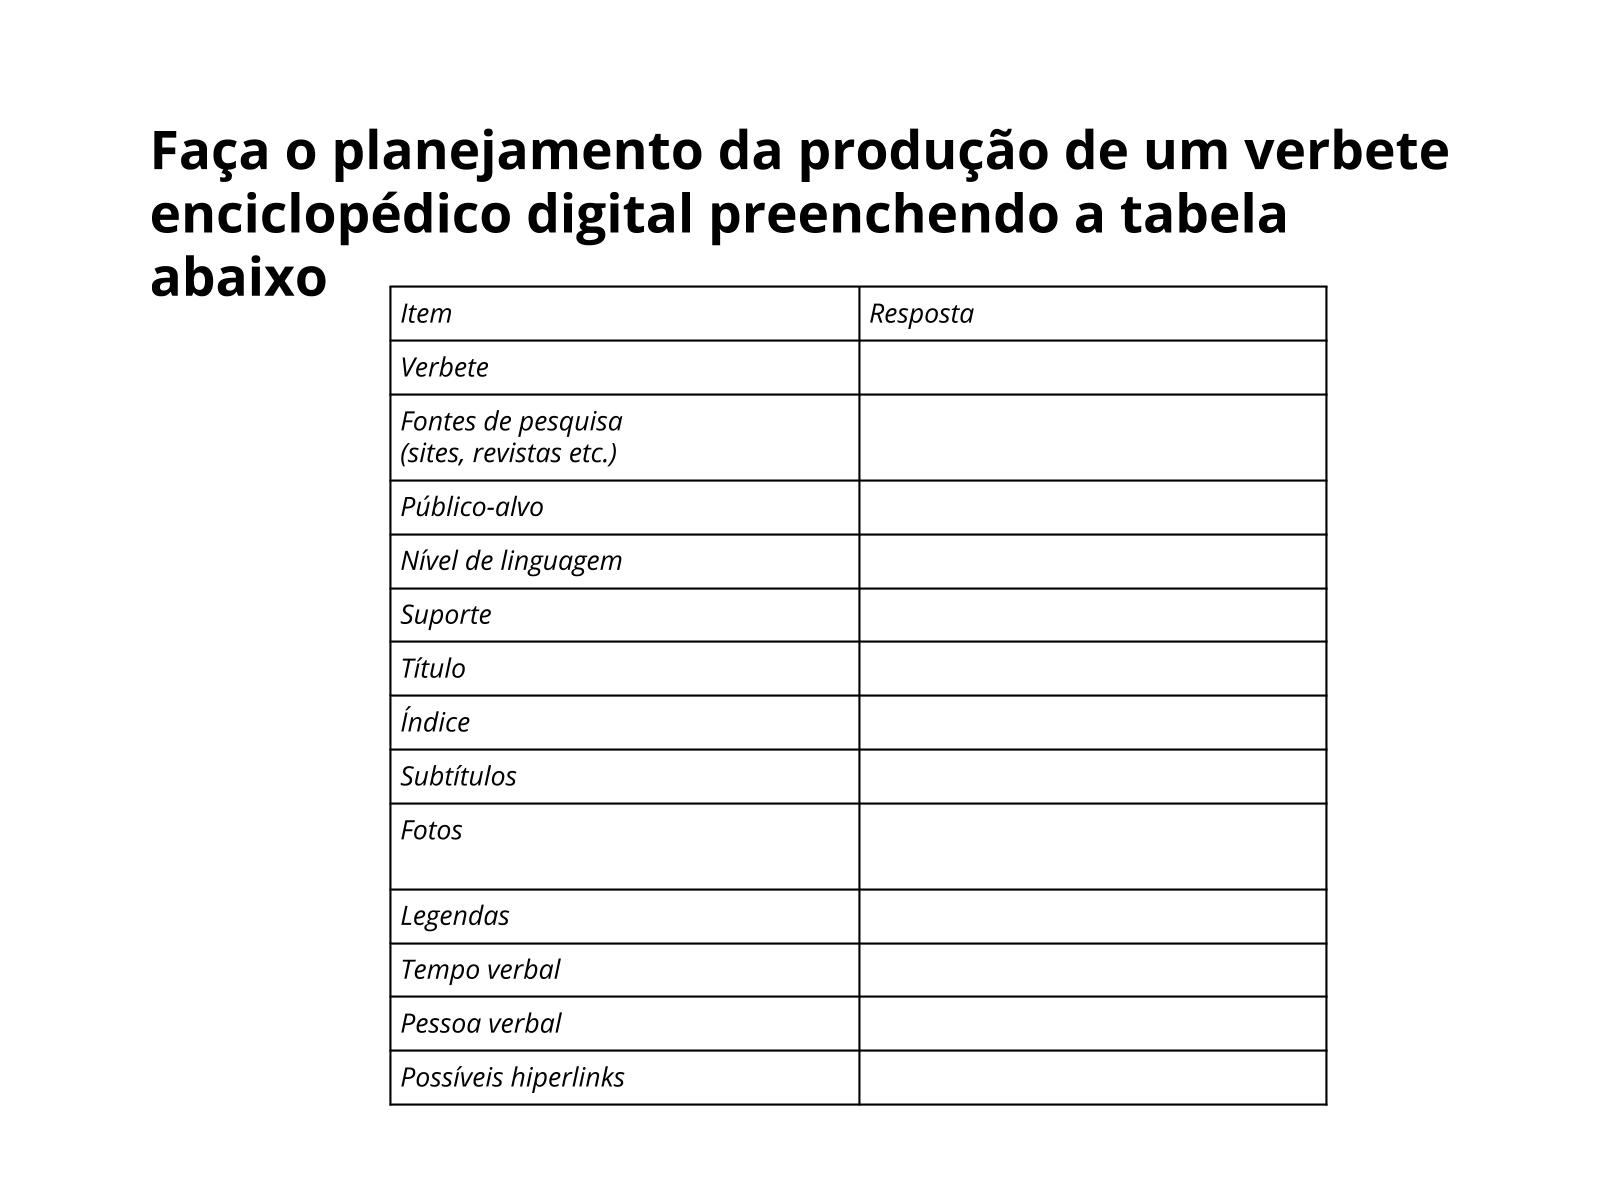 Planejando um verbete enciclopédico digital de maneira colaborativa